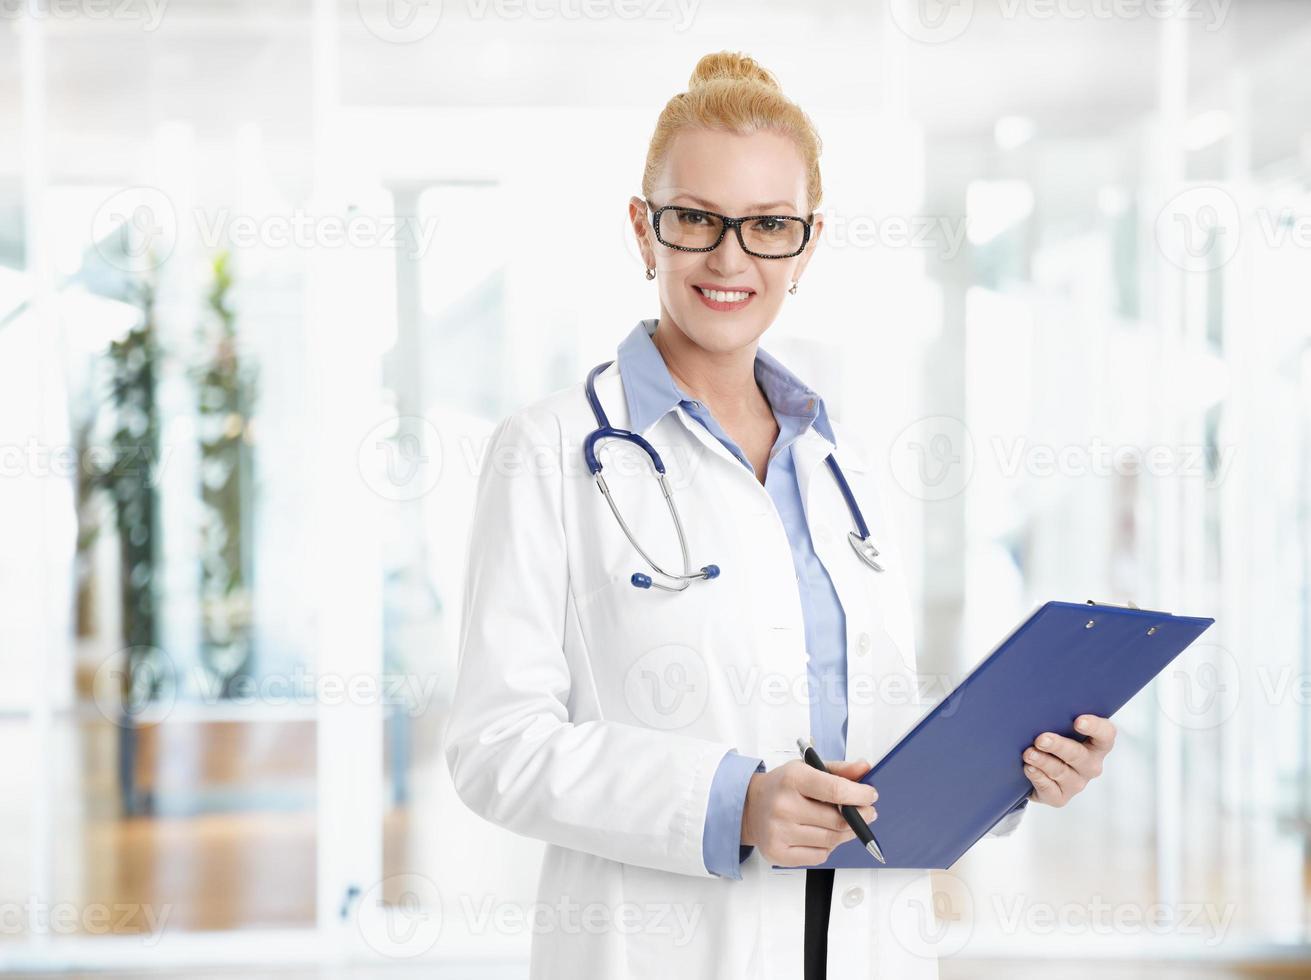 portrait de femme médecin photo